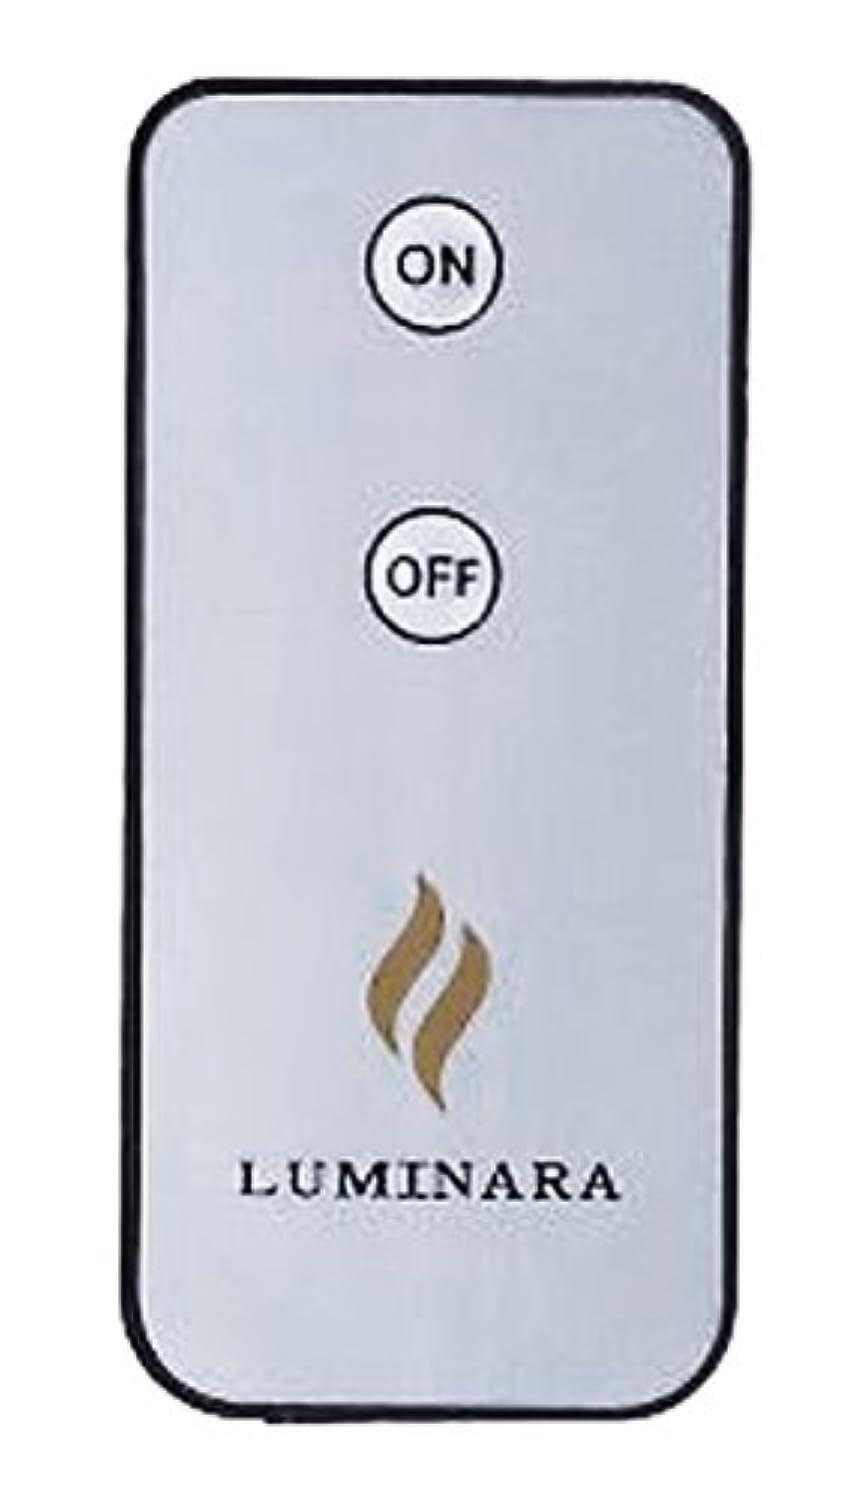 話程度散るLUMINARA(ルミナラ)リモコン【ピラー専用】 03040000